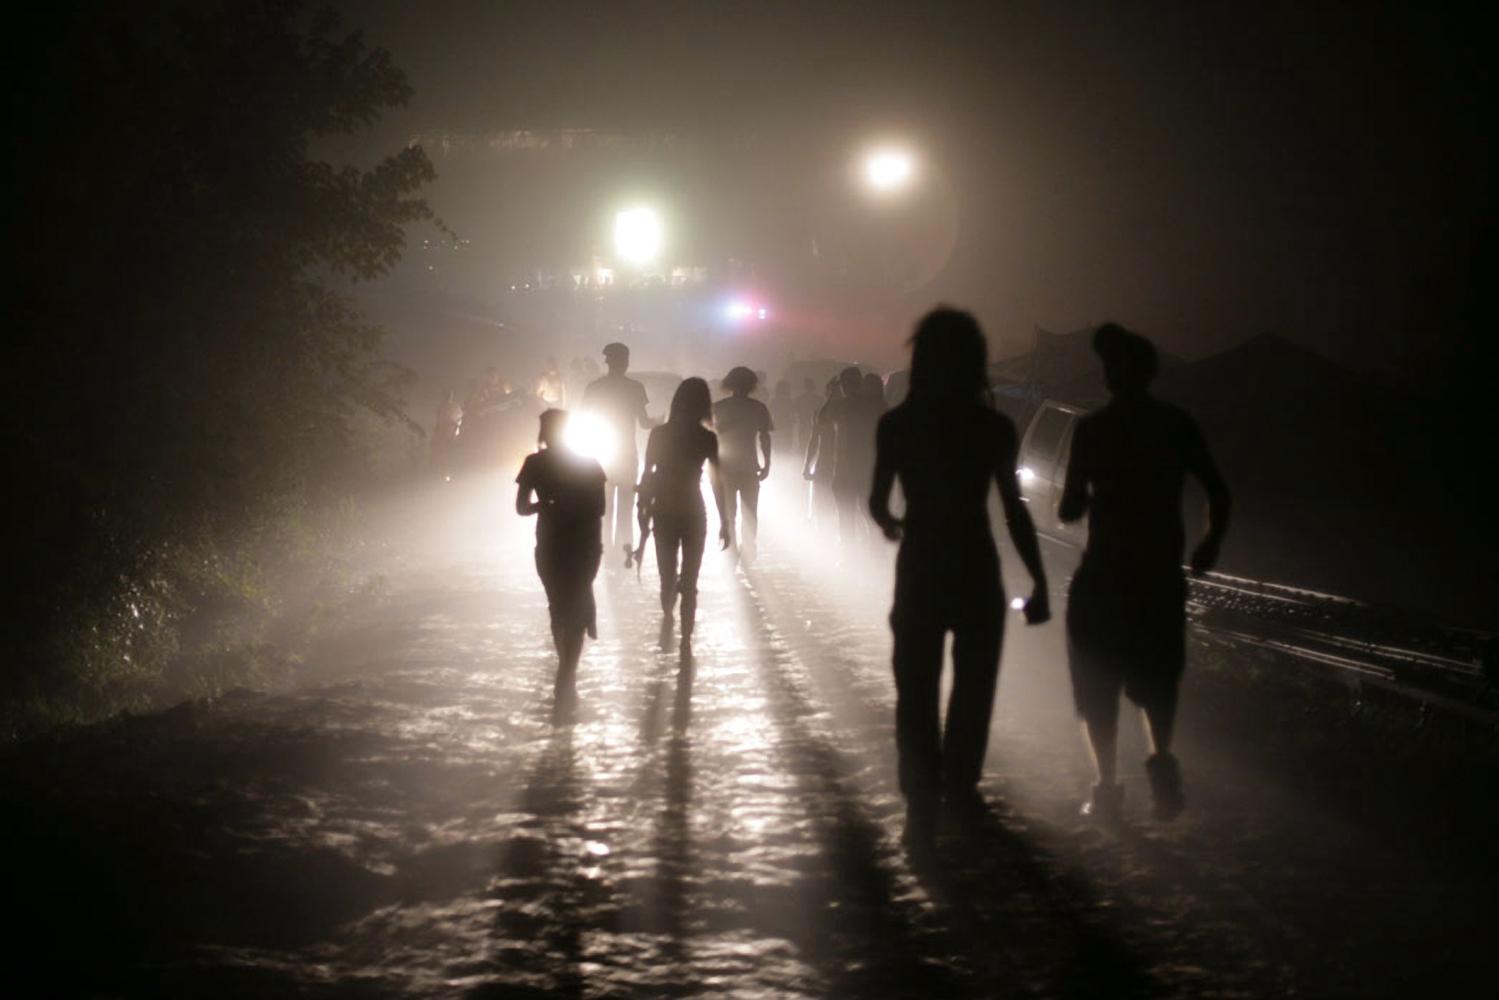 https://i2.wp.com/www.skatopiathemovie.com/images/fullsize/nightwalkers.jpg